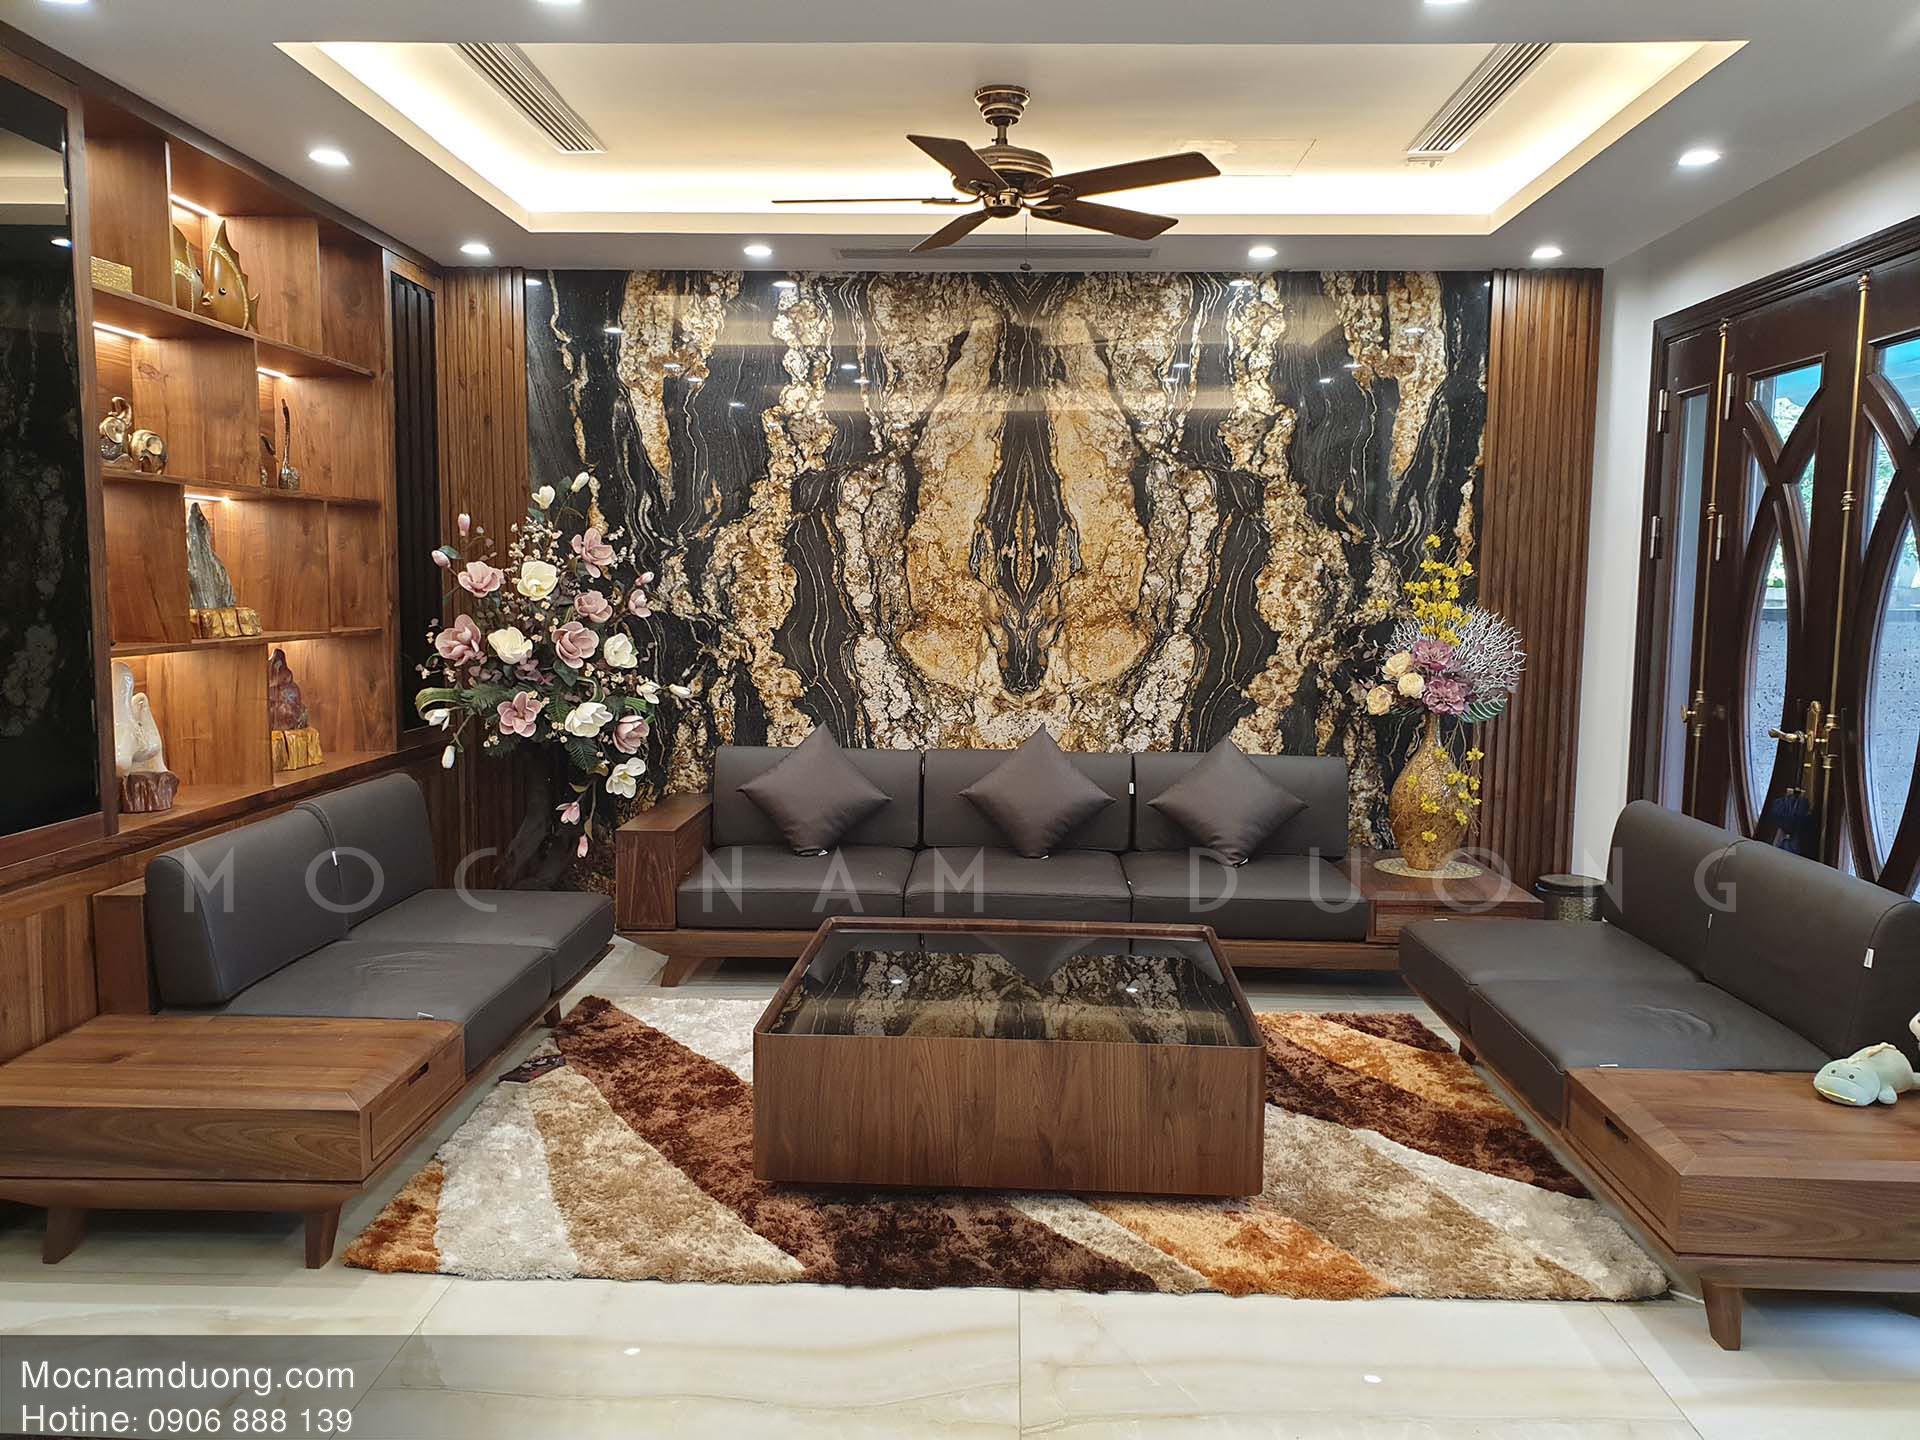 Lựa chọn kiểu dáng nội thất gỗ óc chó đẹp phù hợp